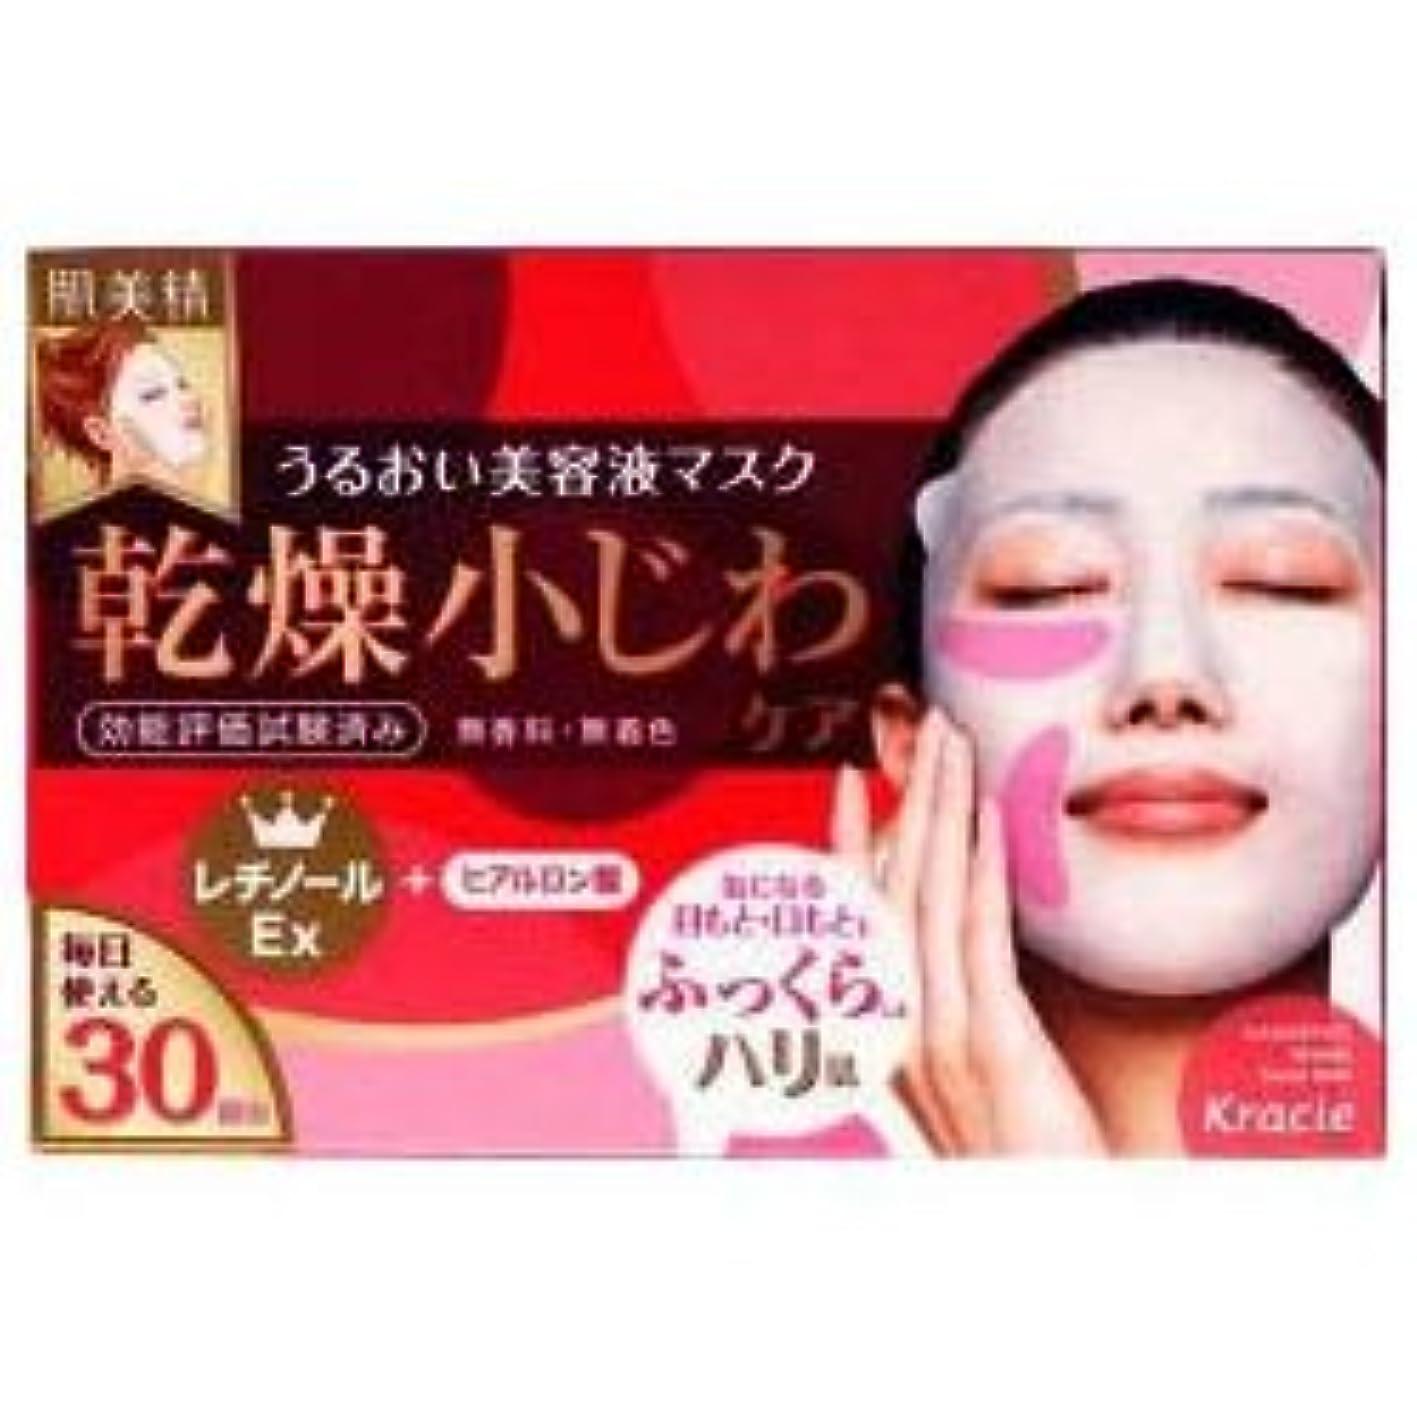 無数の地区緊張【クラシエ】肌美精 デイリーリンクルケア美容液マスク 30枚 ×10個セット